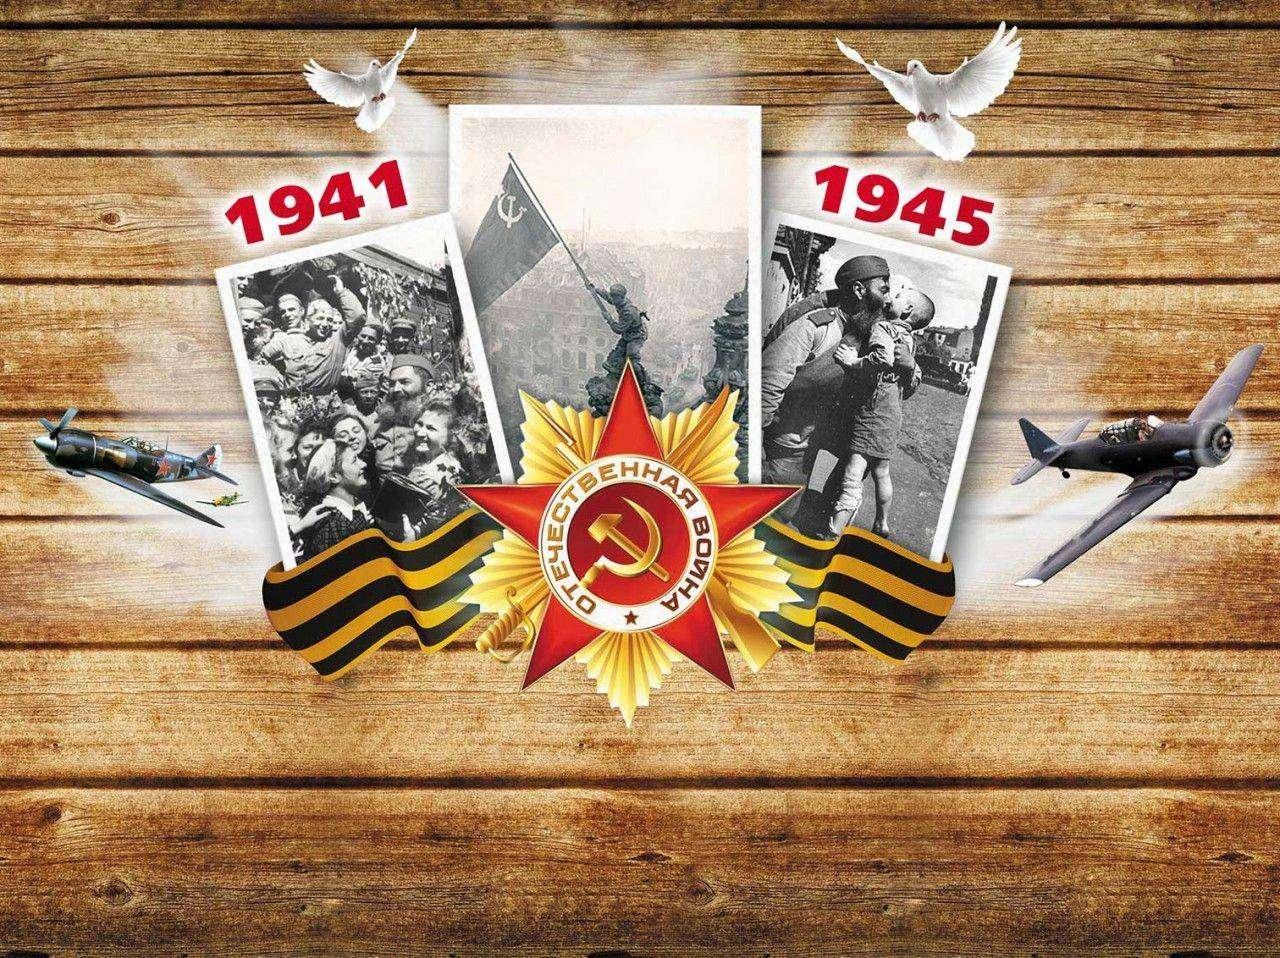 Открытка с Днём Победы в Великой Отечественной войне